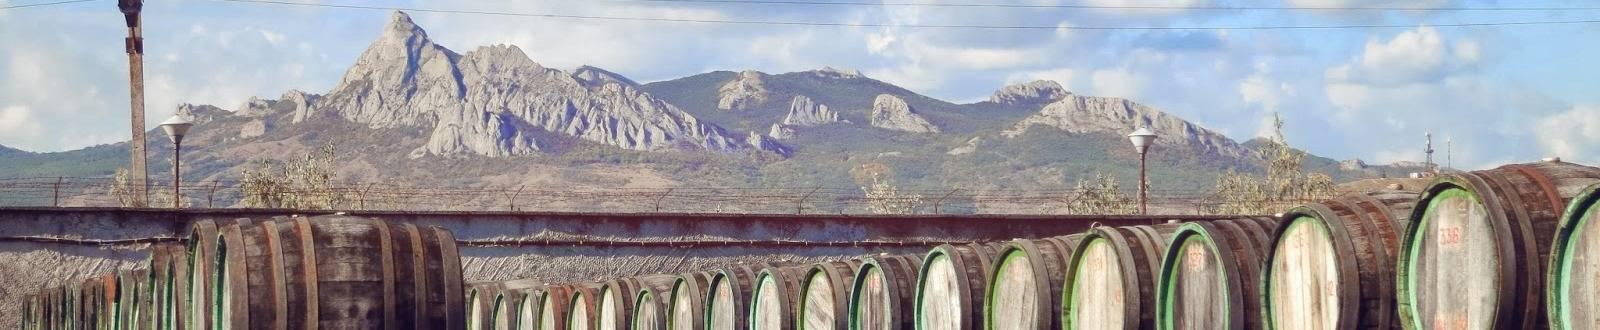 Завод марочных вин Коктебель